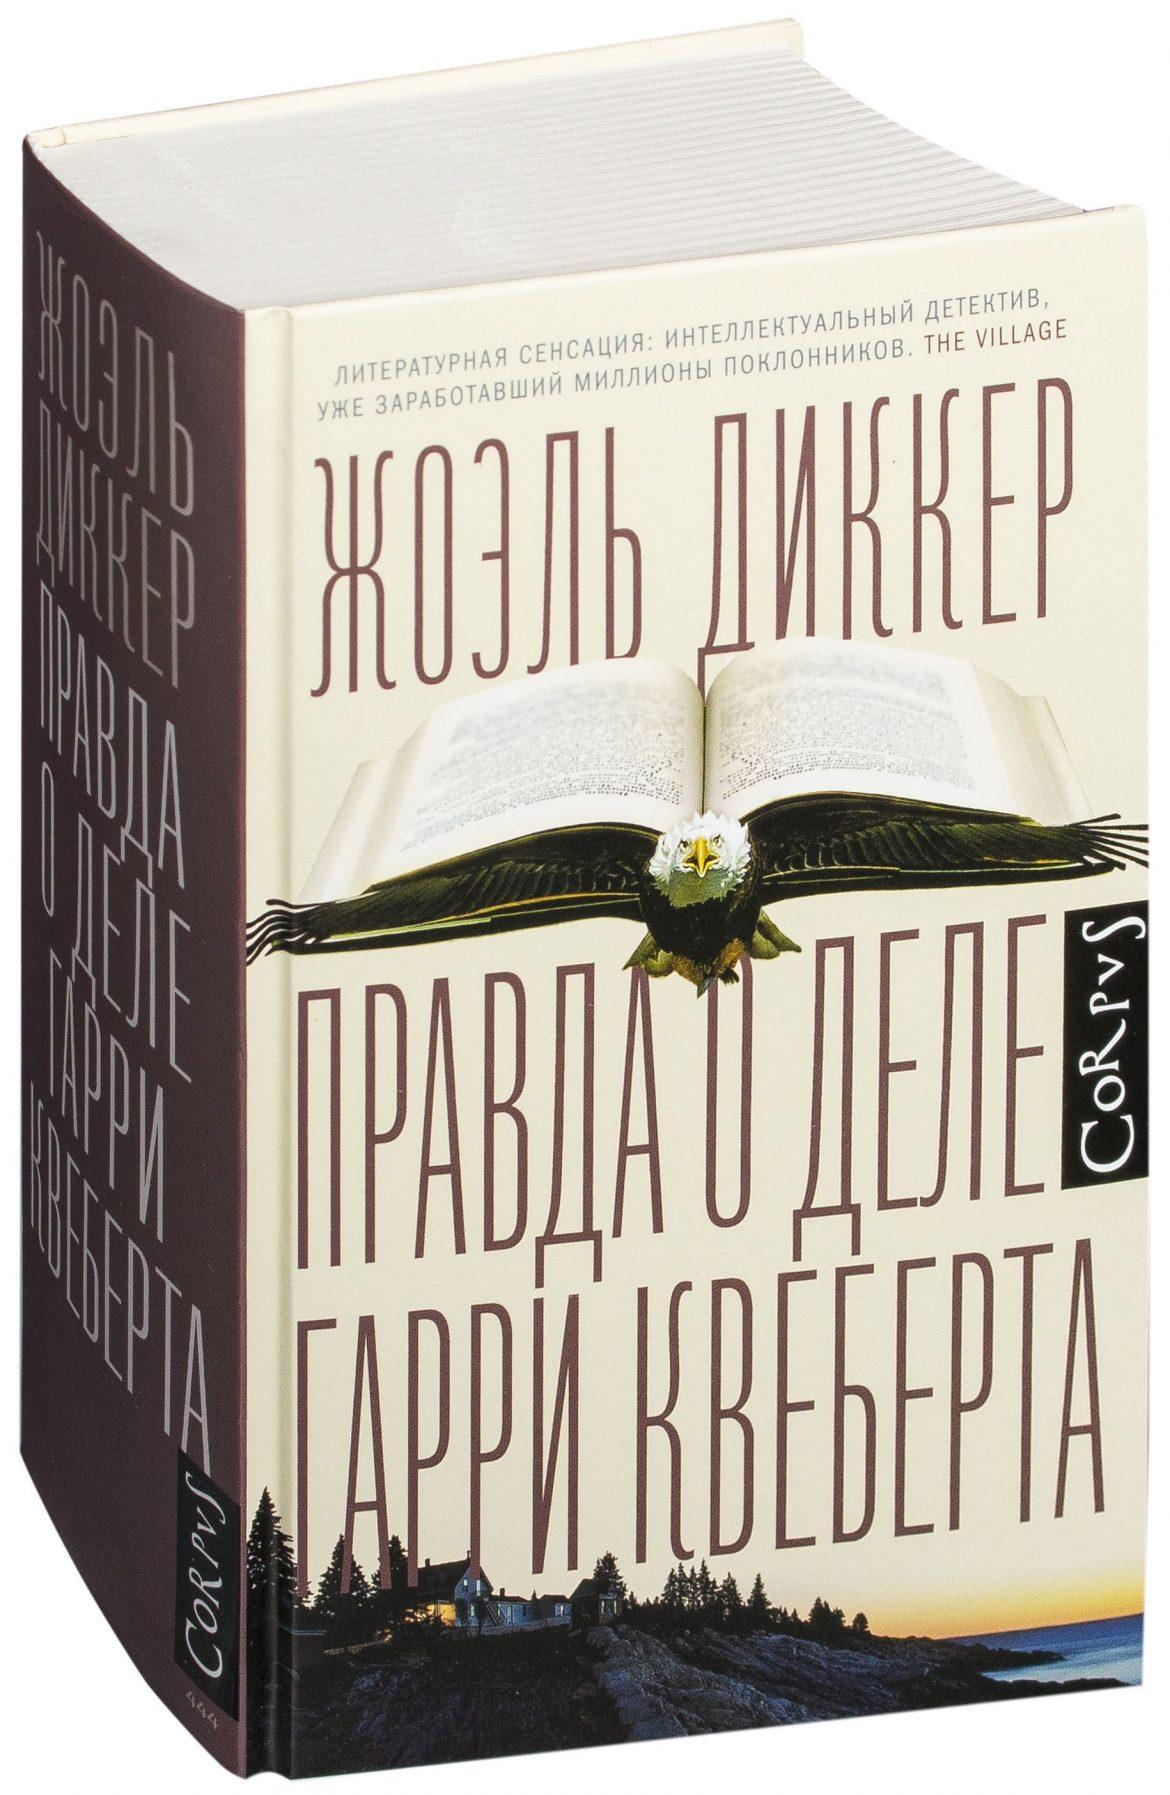 Правда о деле Гарри Квеберта — Жоэль Диккер